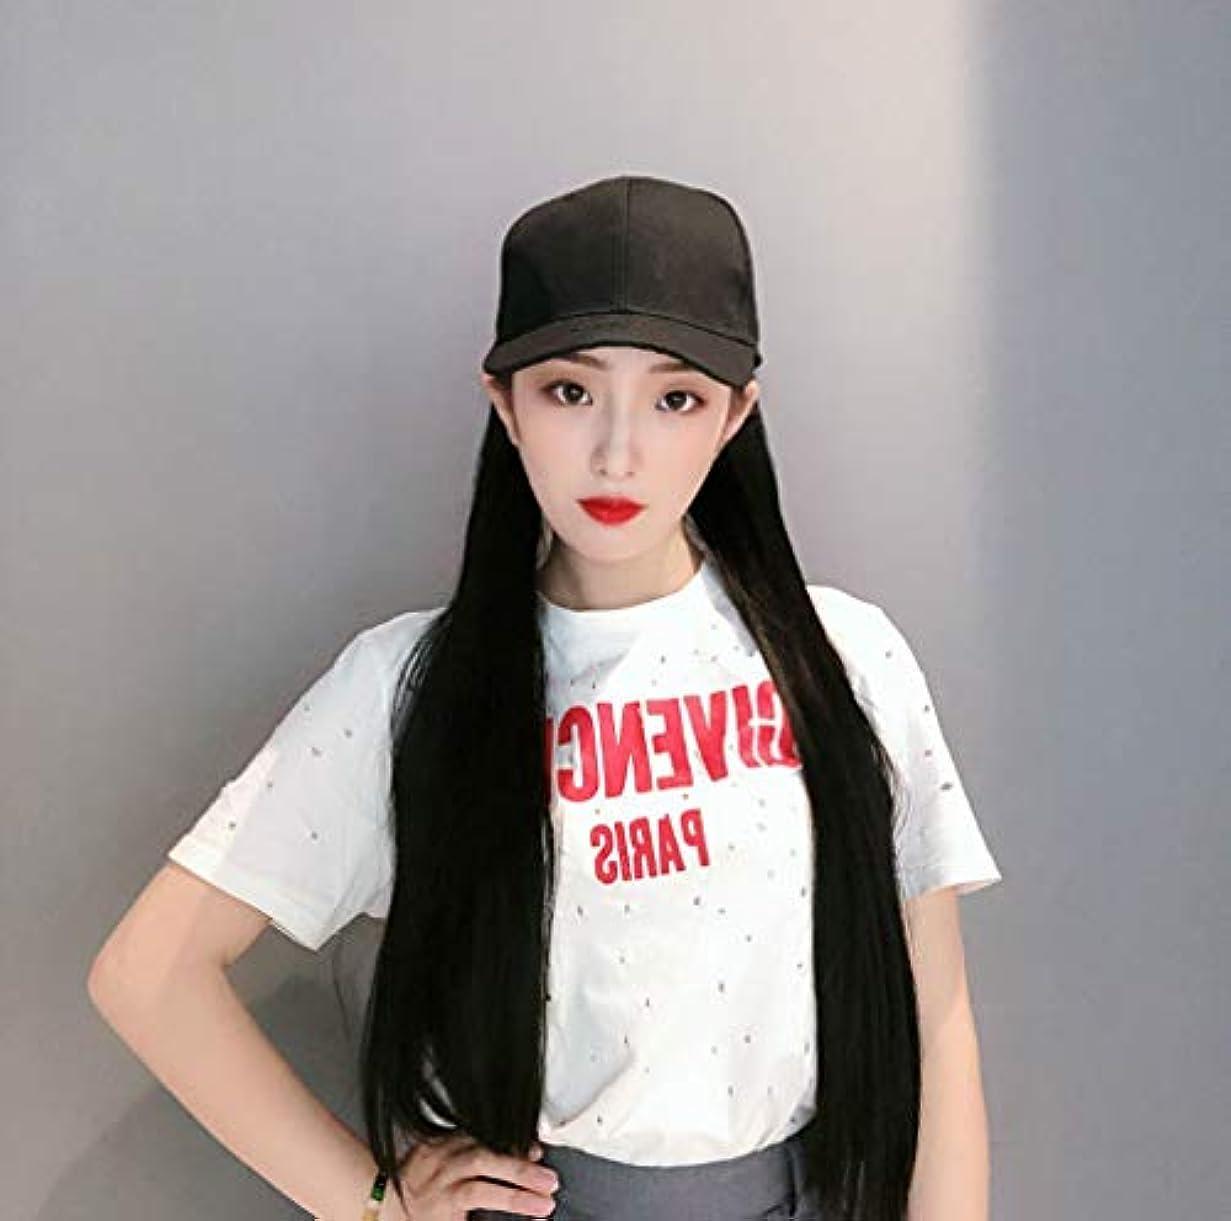 テクトニック楽観全く女性用ウィッグストレート合成ロングウィッグ野球帽野球キャップ合成ヘアエクステンション付きロングヘアウィッグ帽子60cm